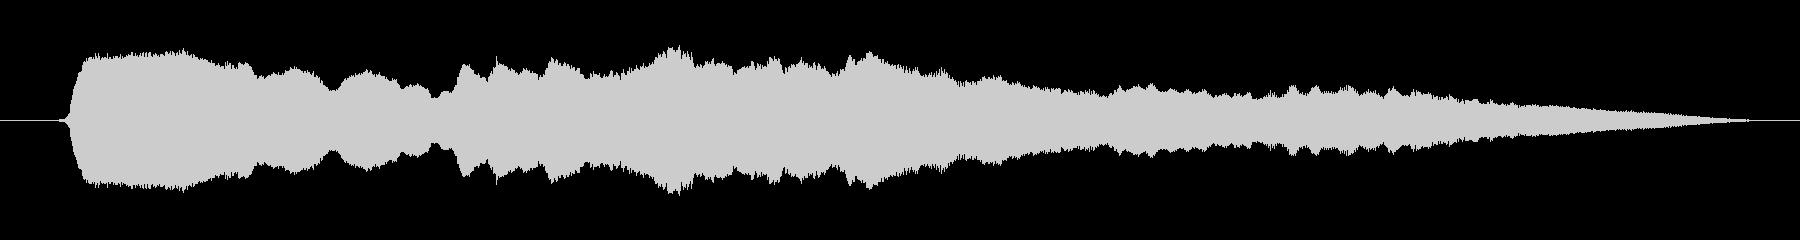 漫画スライドホイッスル:ダウン、ホ...の未再生の波形